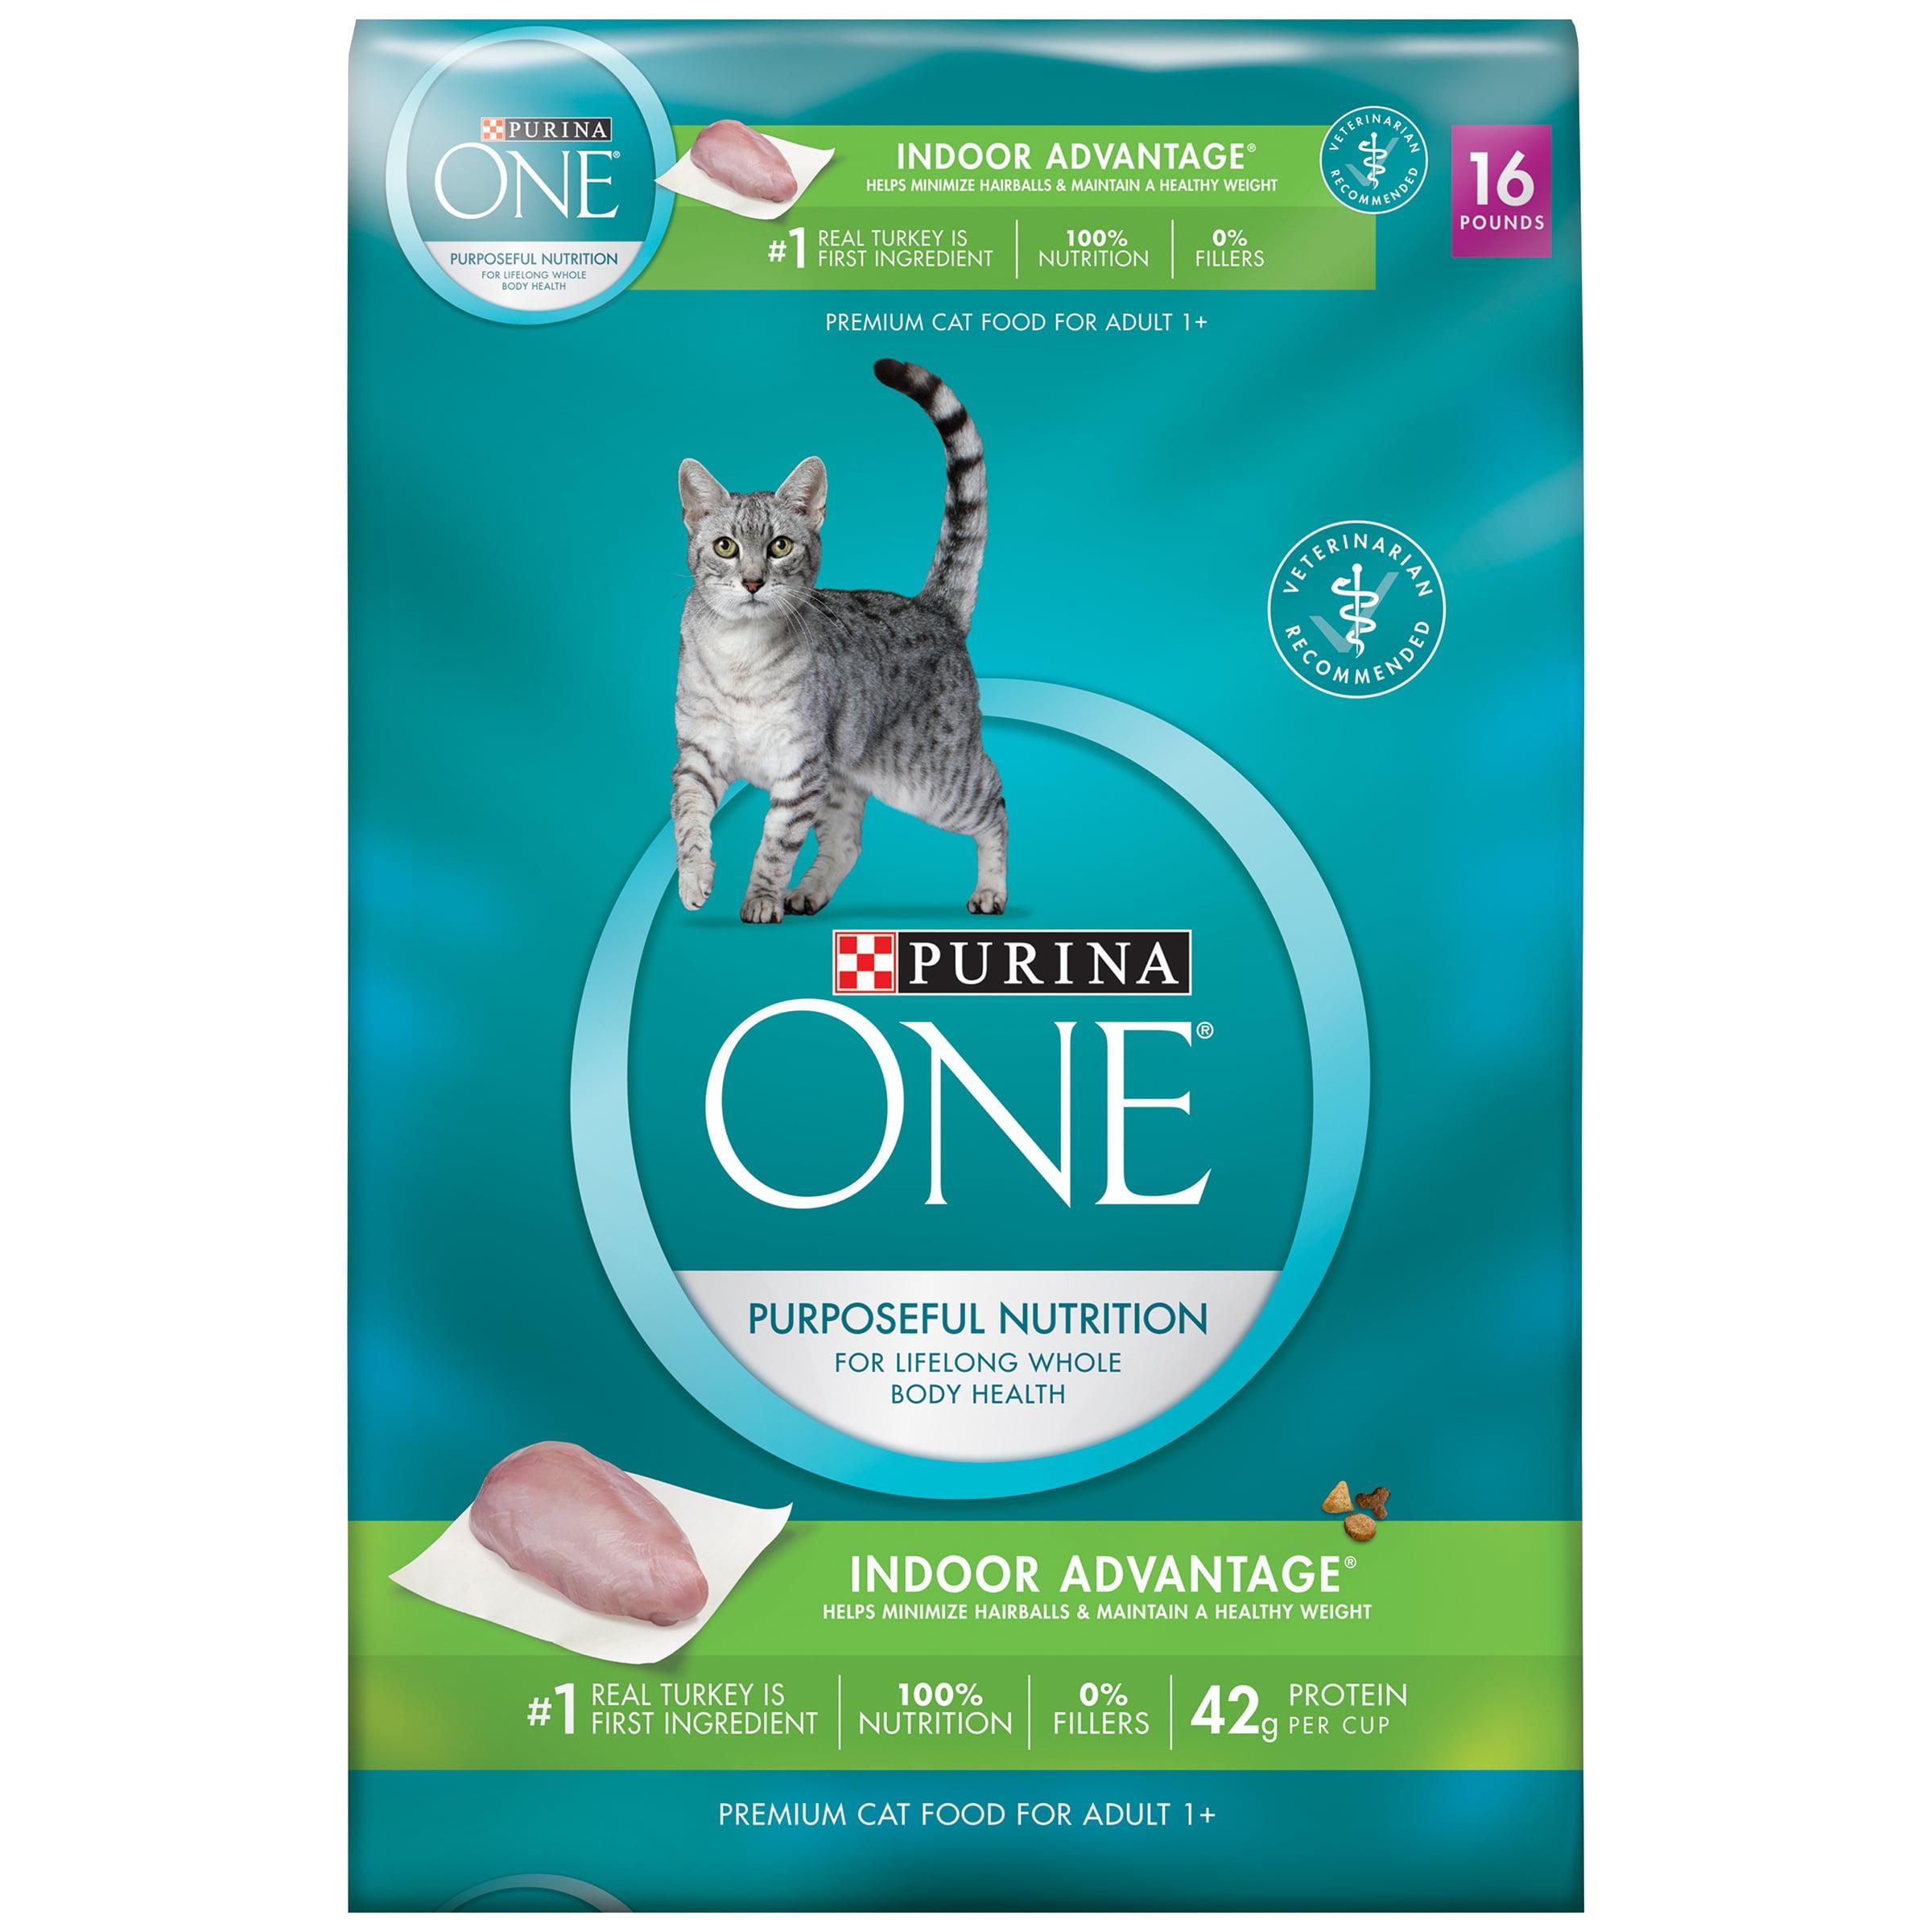 Purina ONE Indoor Advantage Adult Premium Cat Food 16 lb Bag